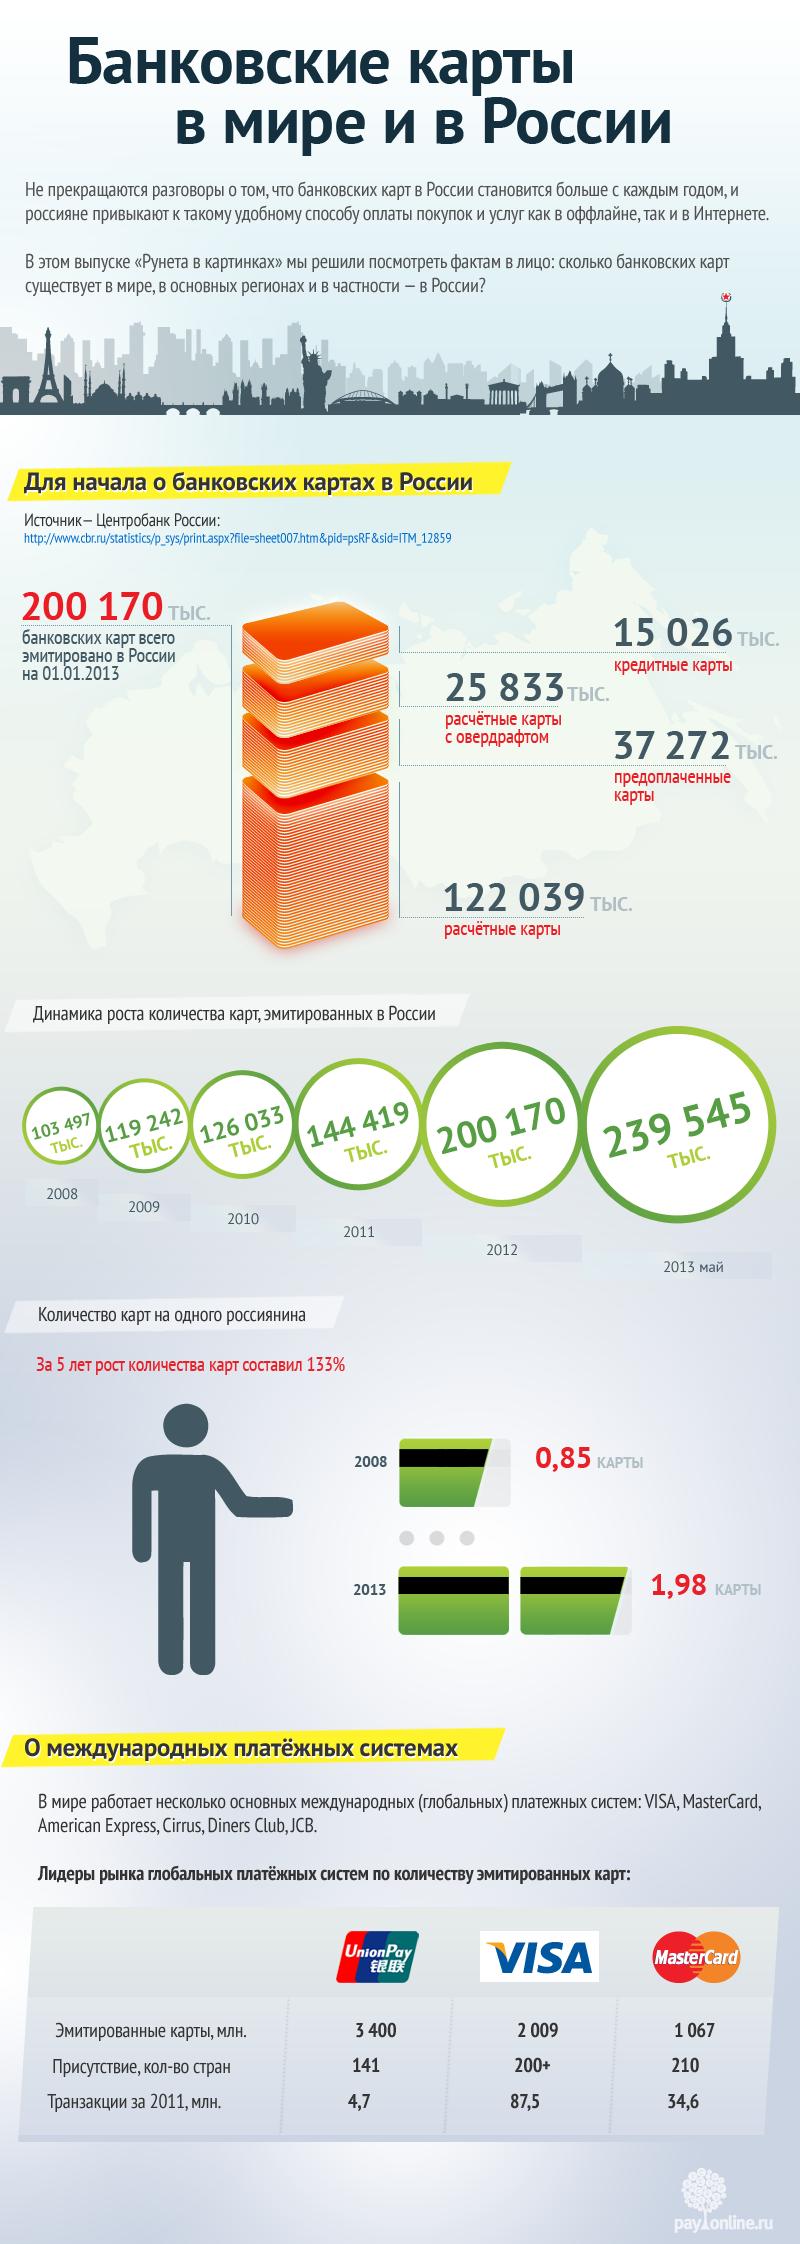 Инфографика: Банковские карты в мире и в России-f